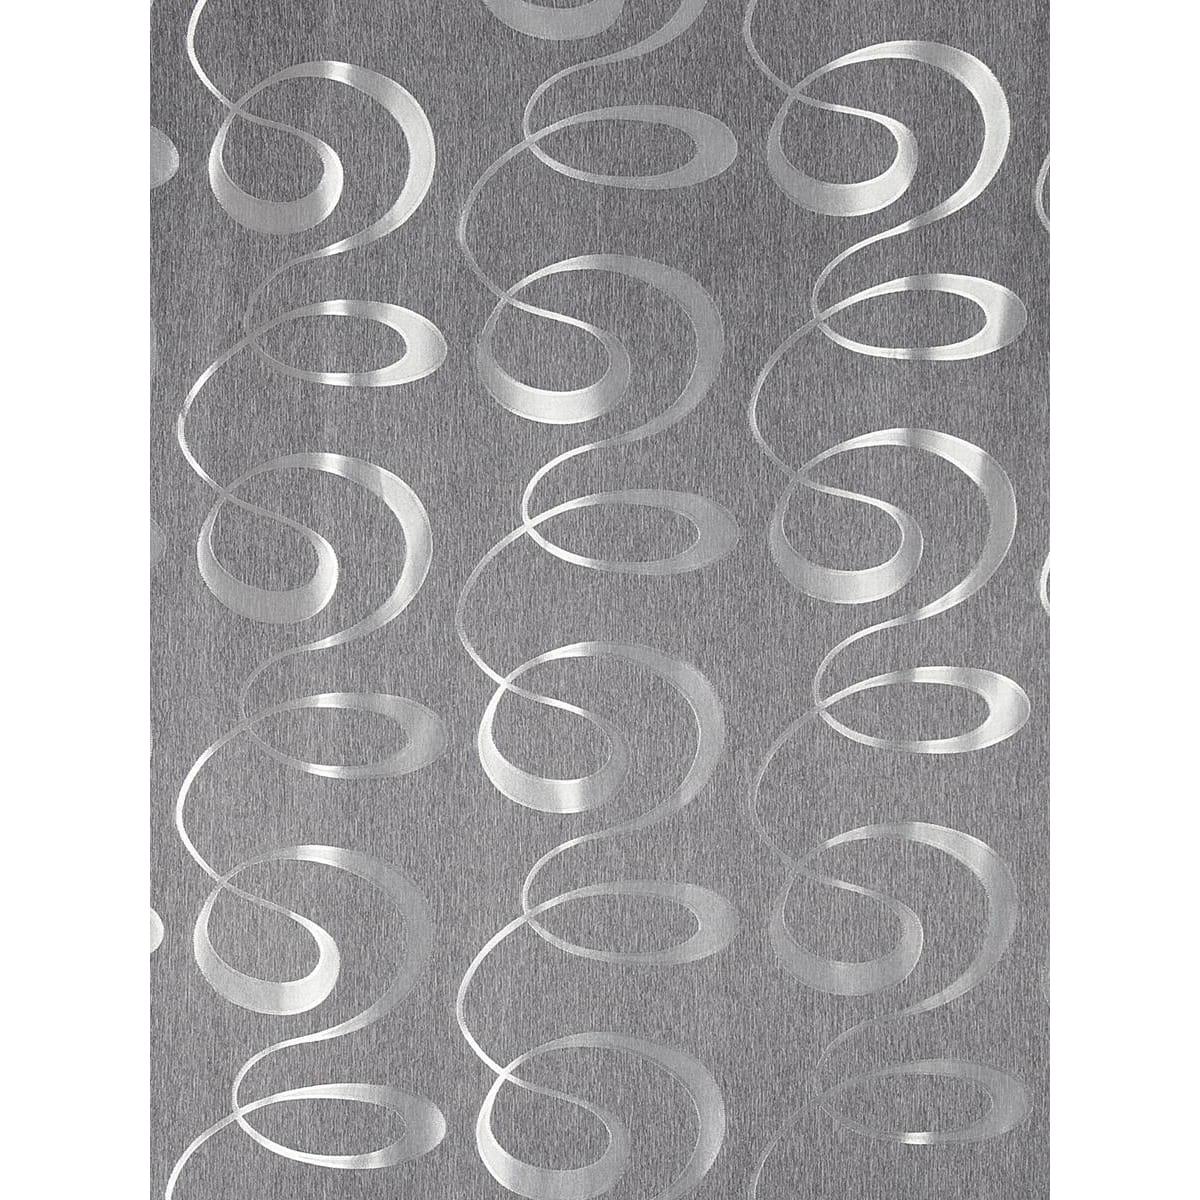 Тд текстиль официальный сайт балашиха купить постельные ткани в самаре